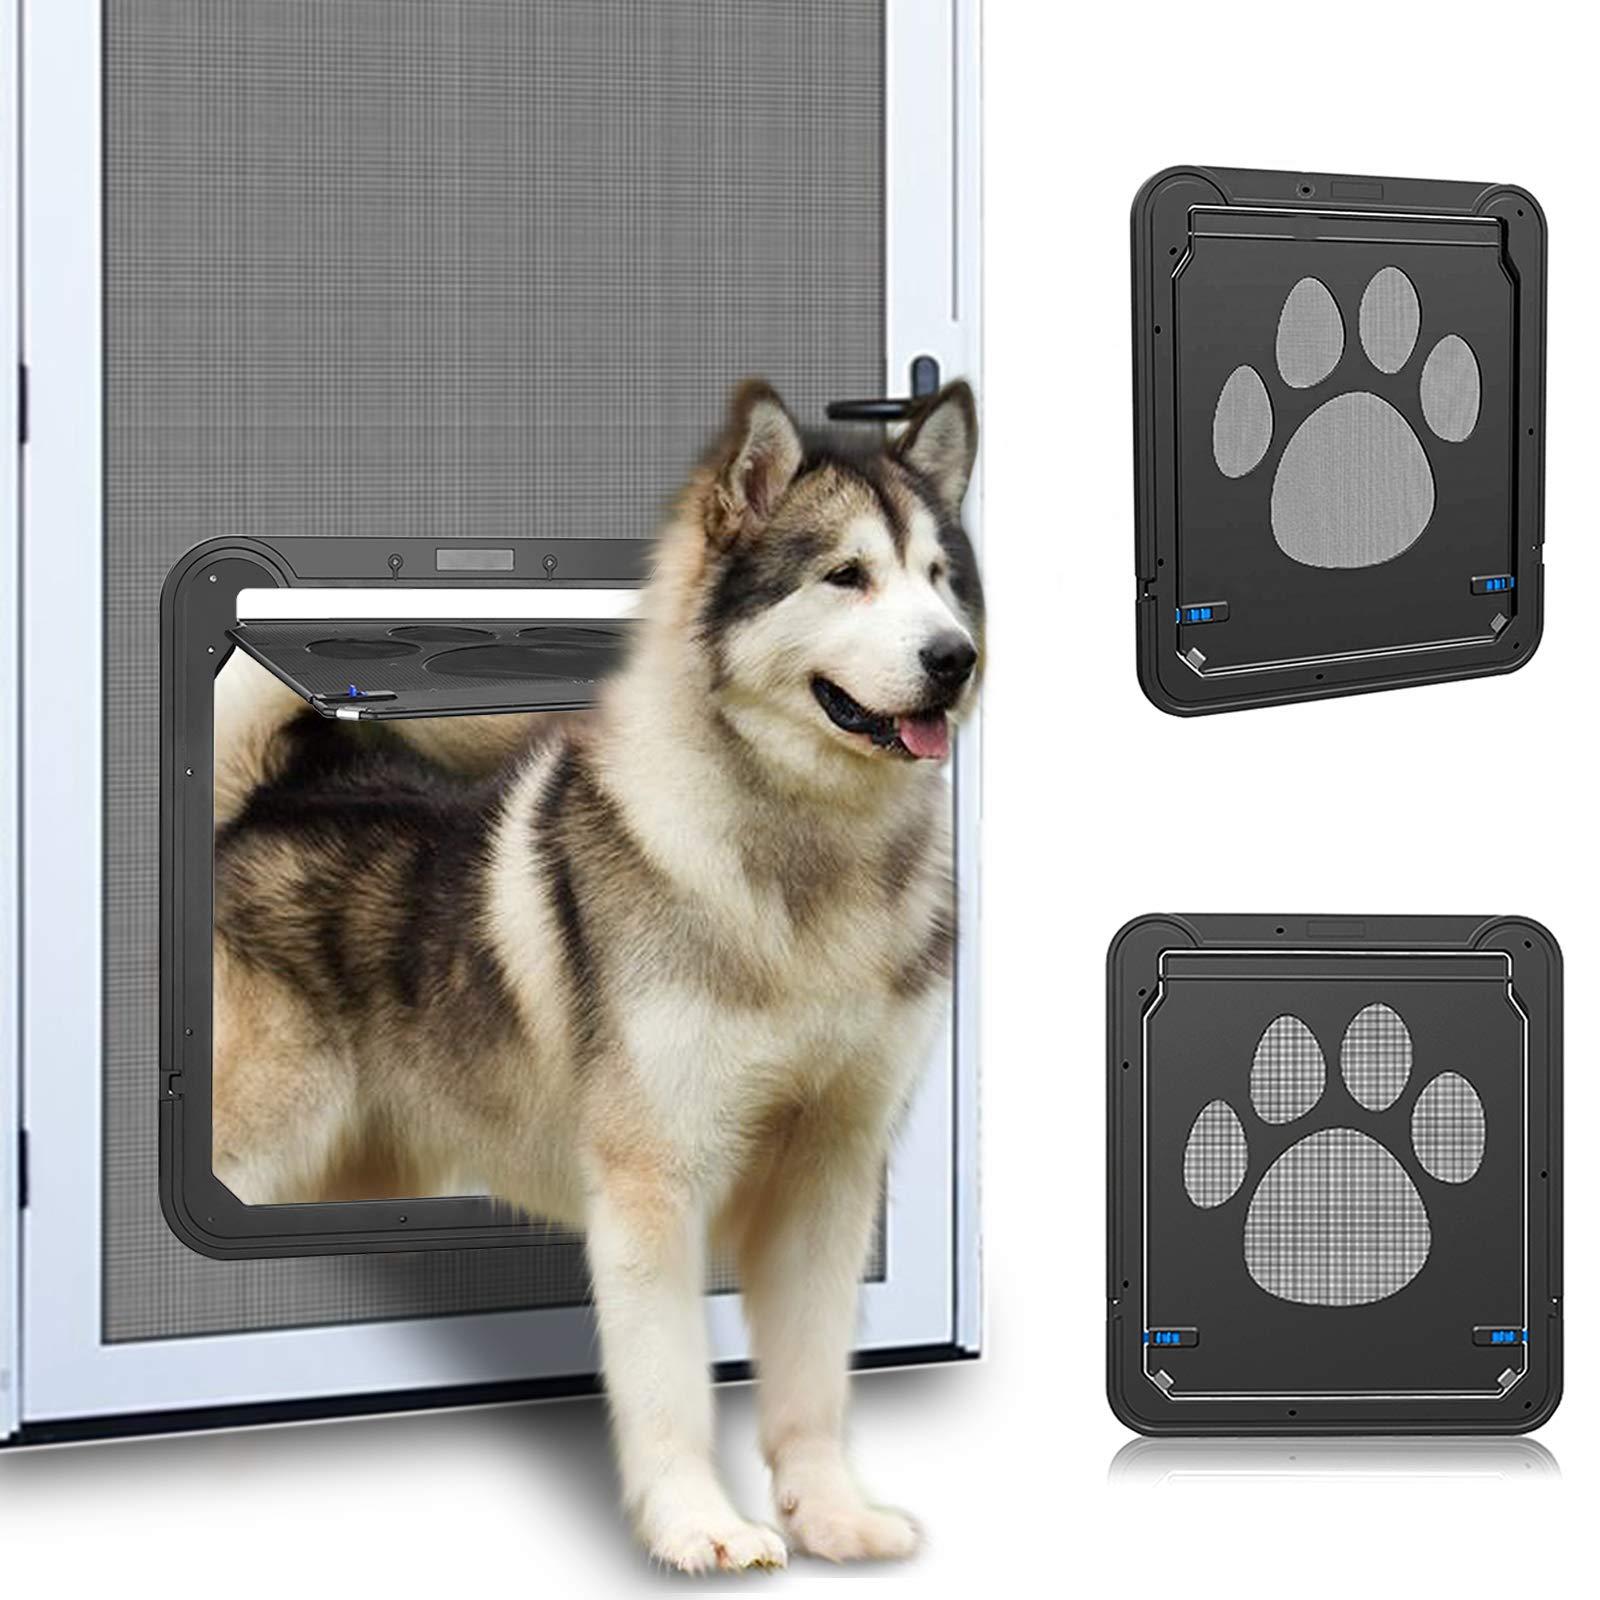 OWNPETS Dog Screen Door, Lockable Pet Screen Door, Magnetic Self-Closing Screen Door with Locking Function, Sturdy Screen Door for Dog Cat